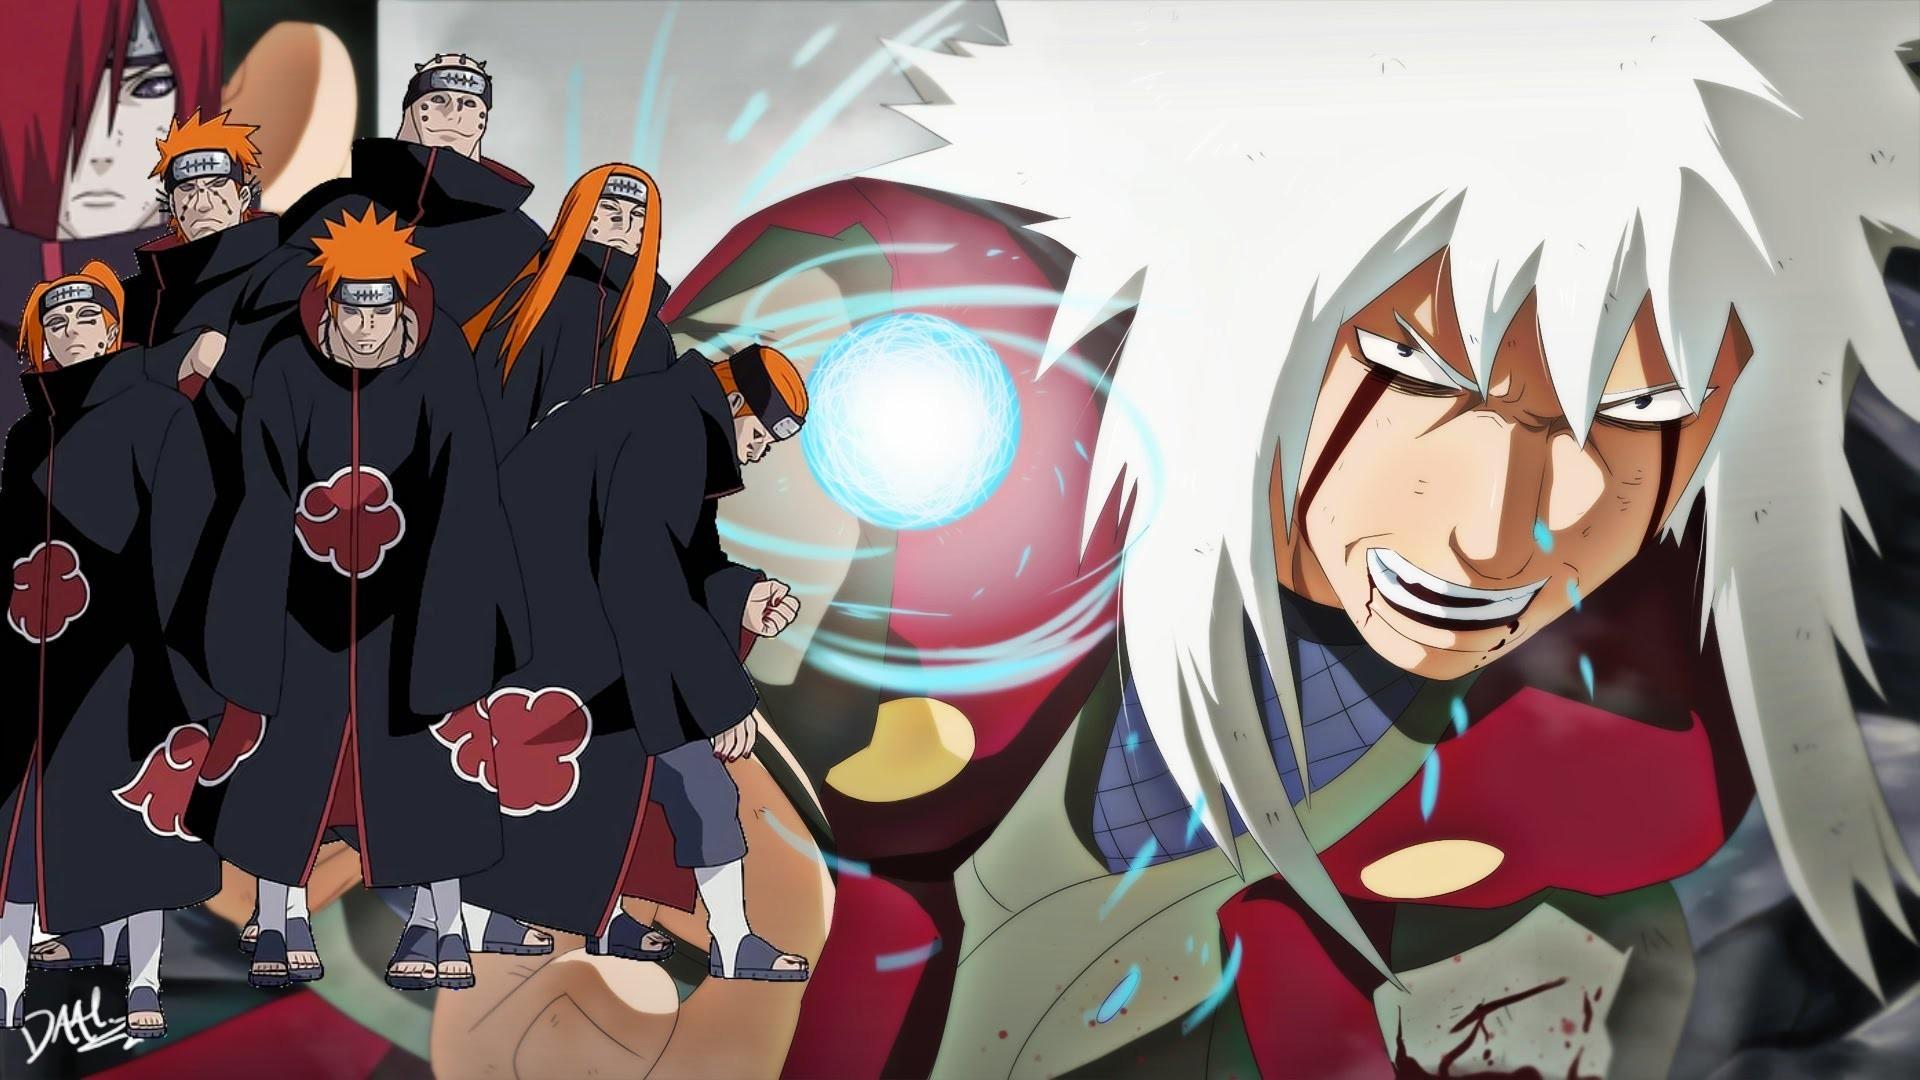 10 Pertarungan Terbaik di Anime Naruto Sepanjang Masa 7